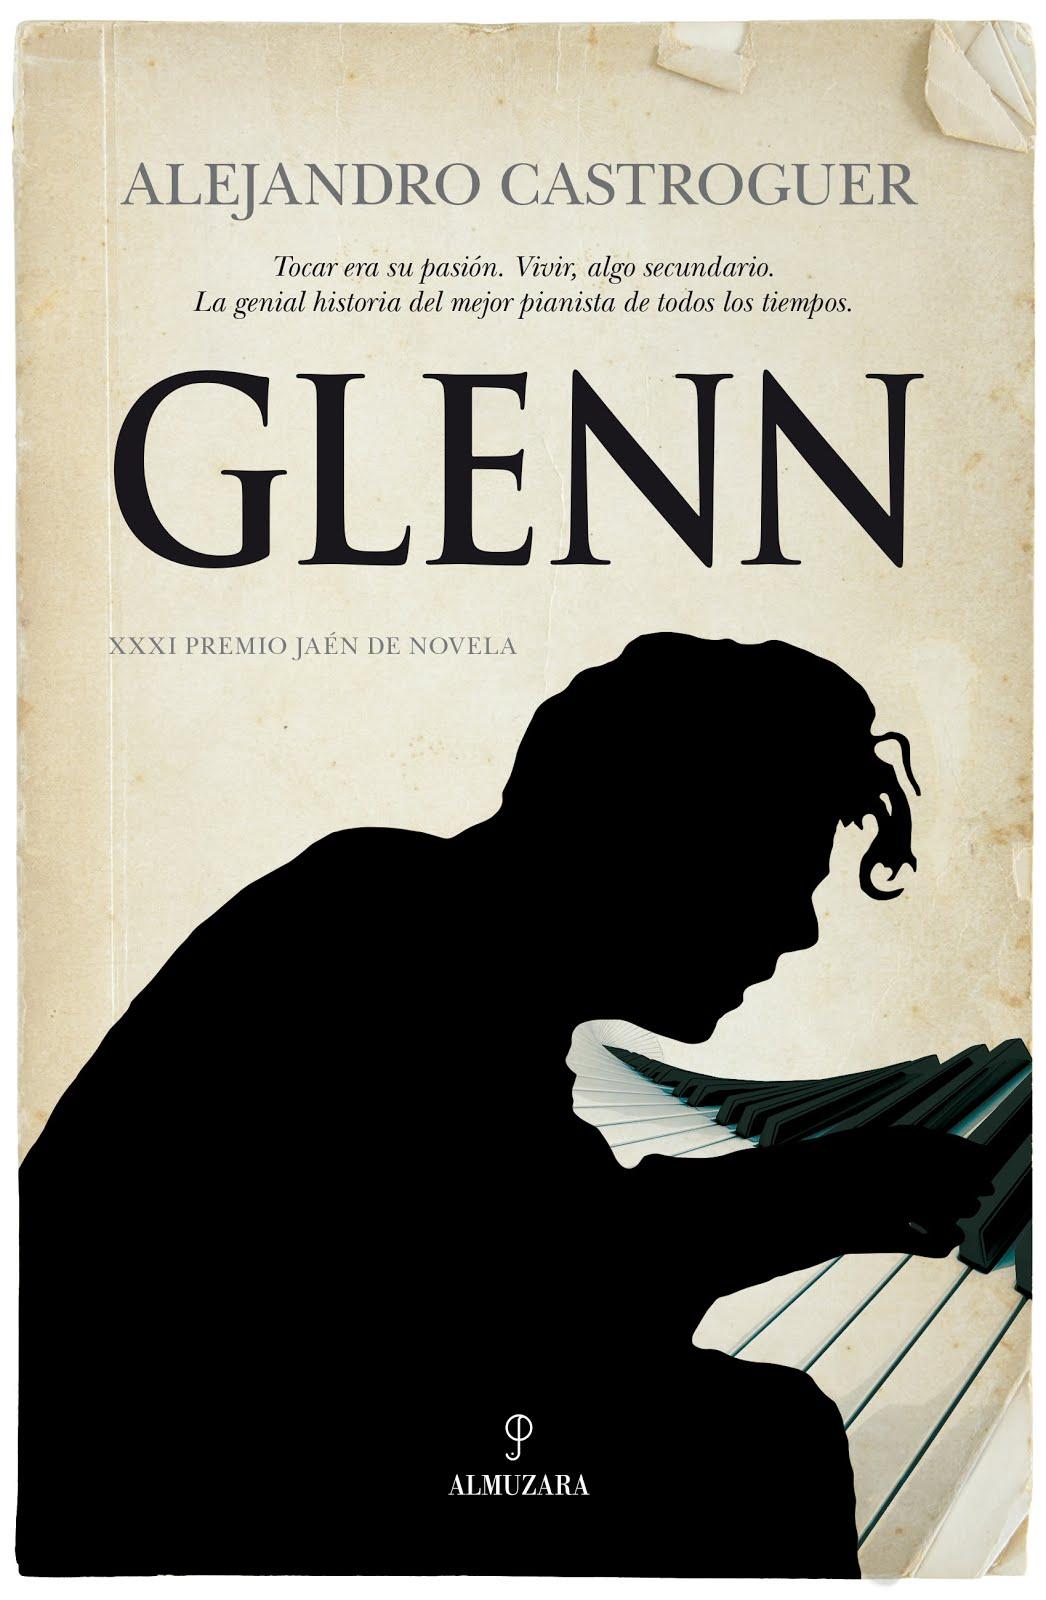 Compra la versión electrónica de GLENN